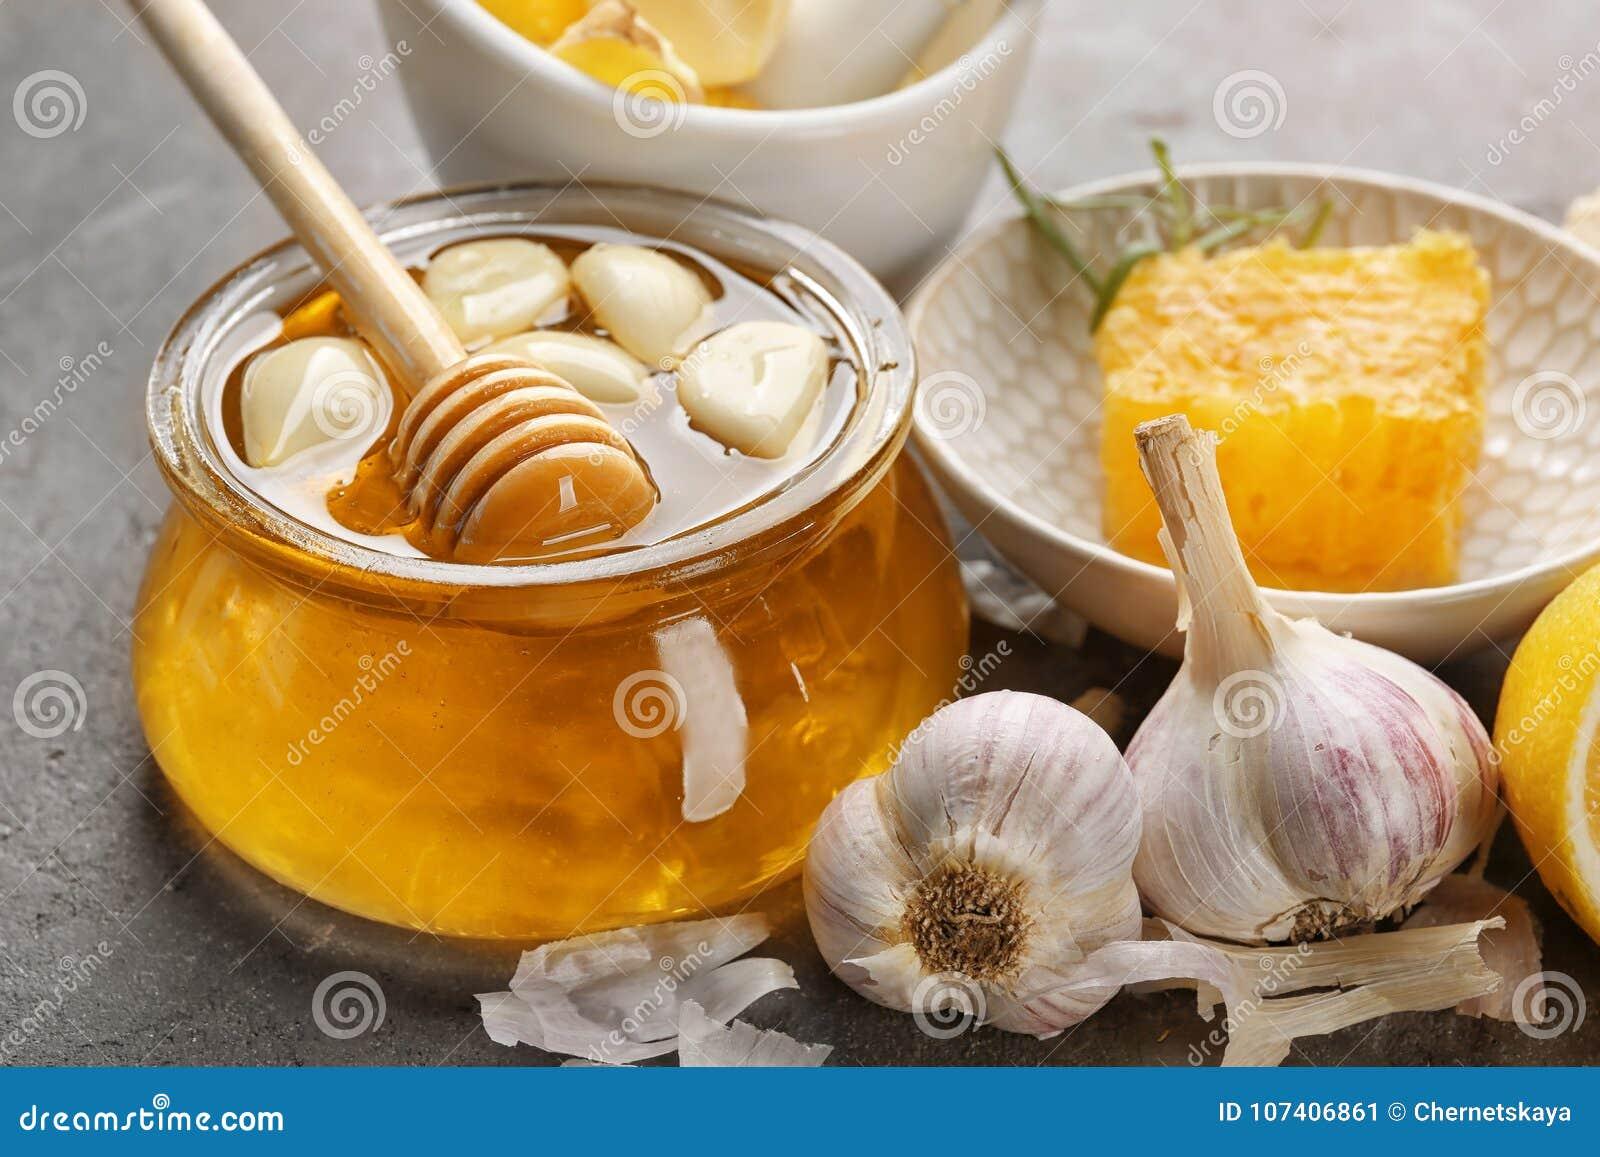 玻璃瓶子用蜂蜜和大蒜在桌上,